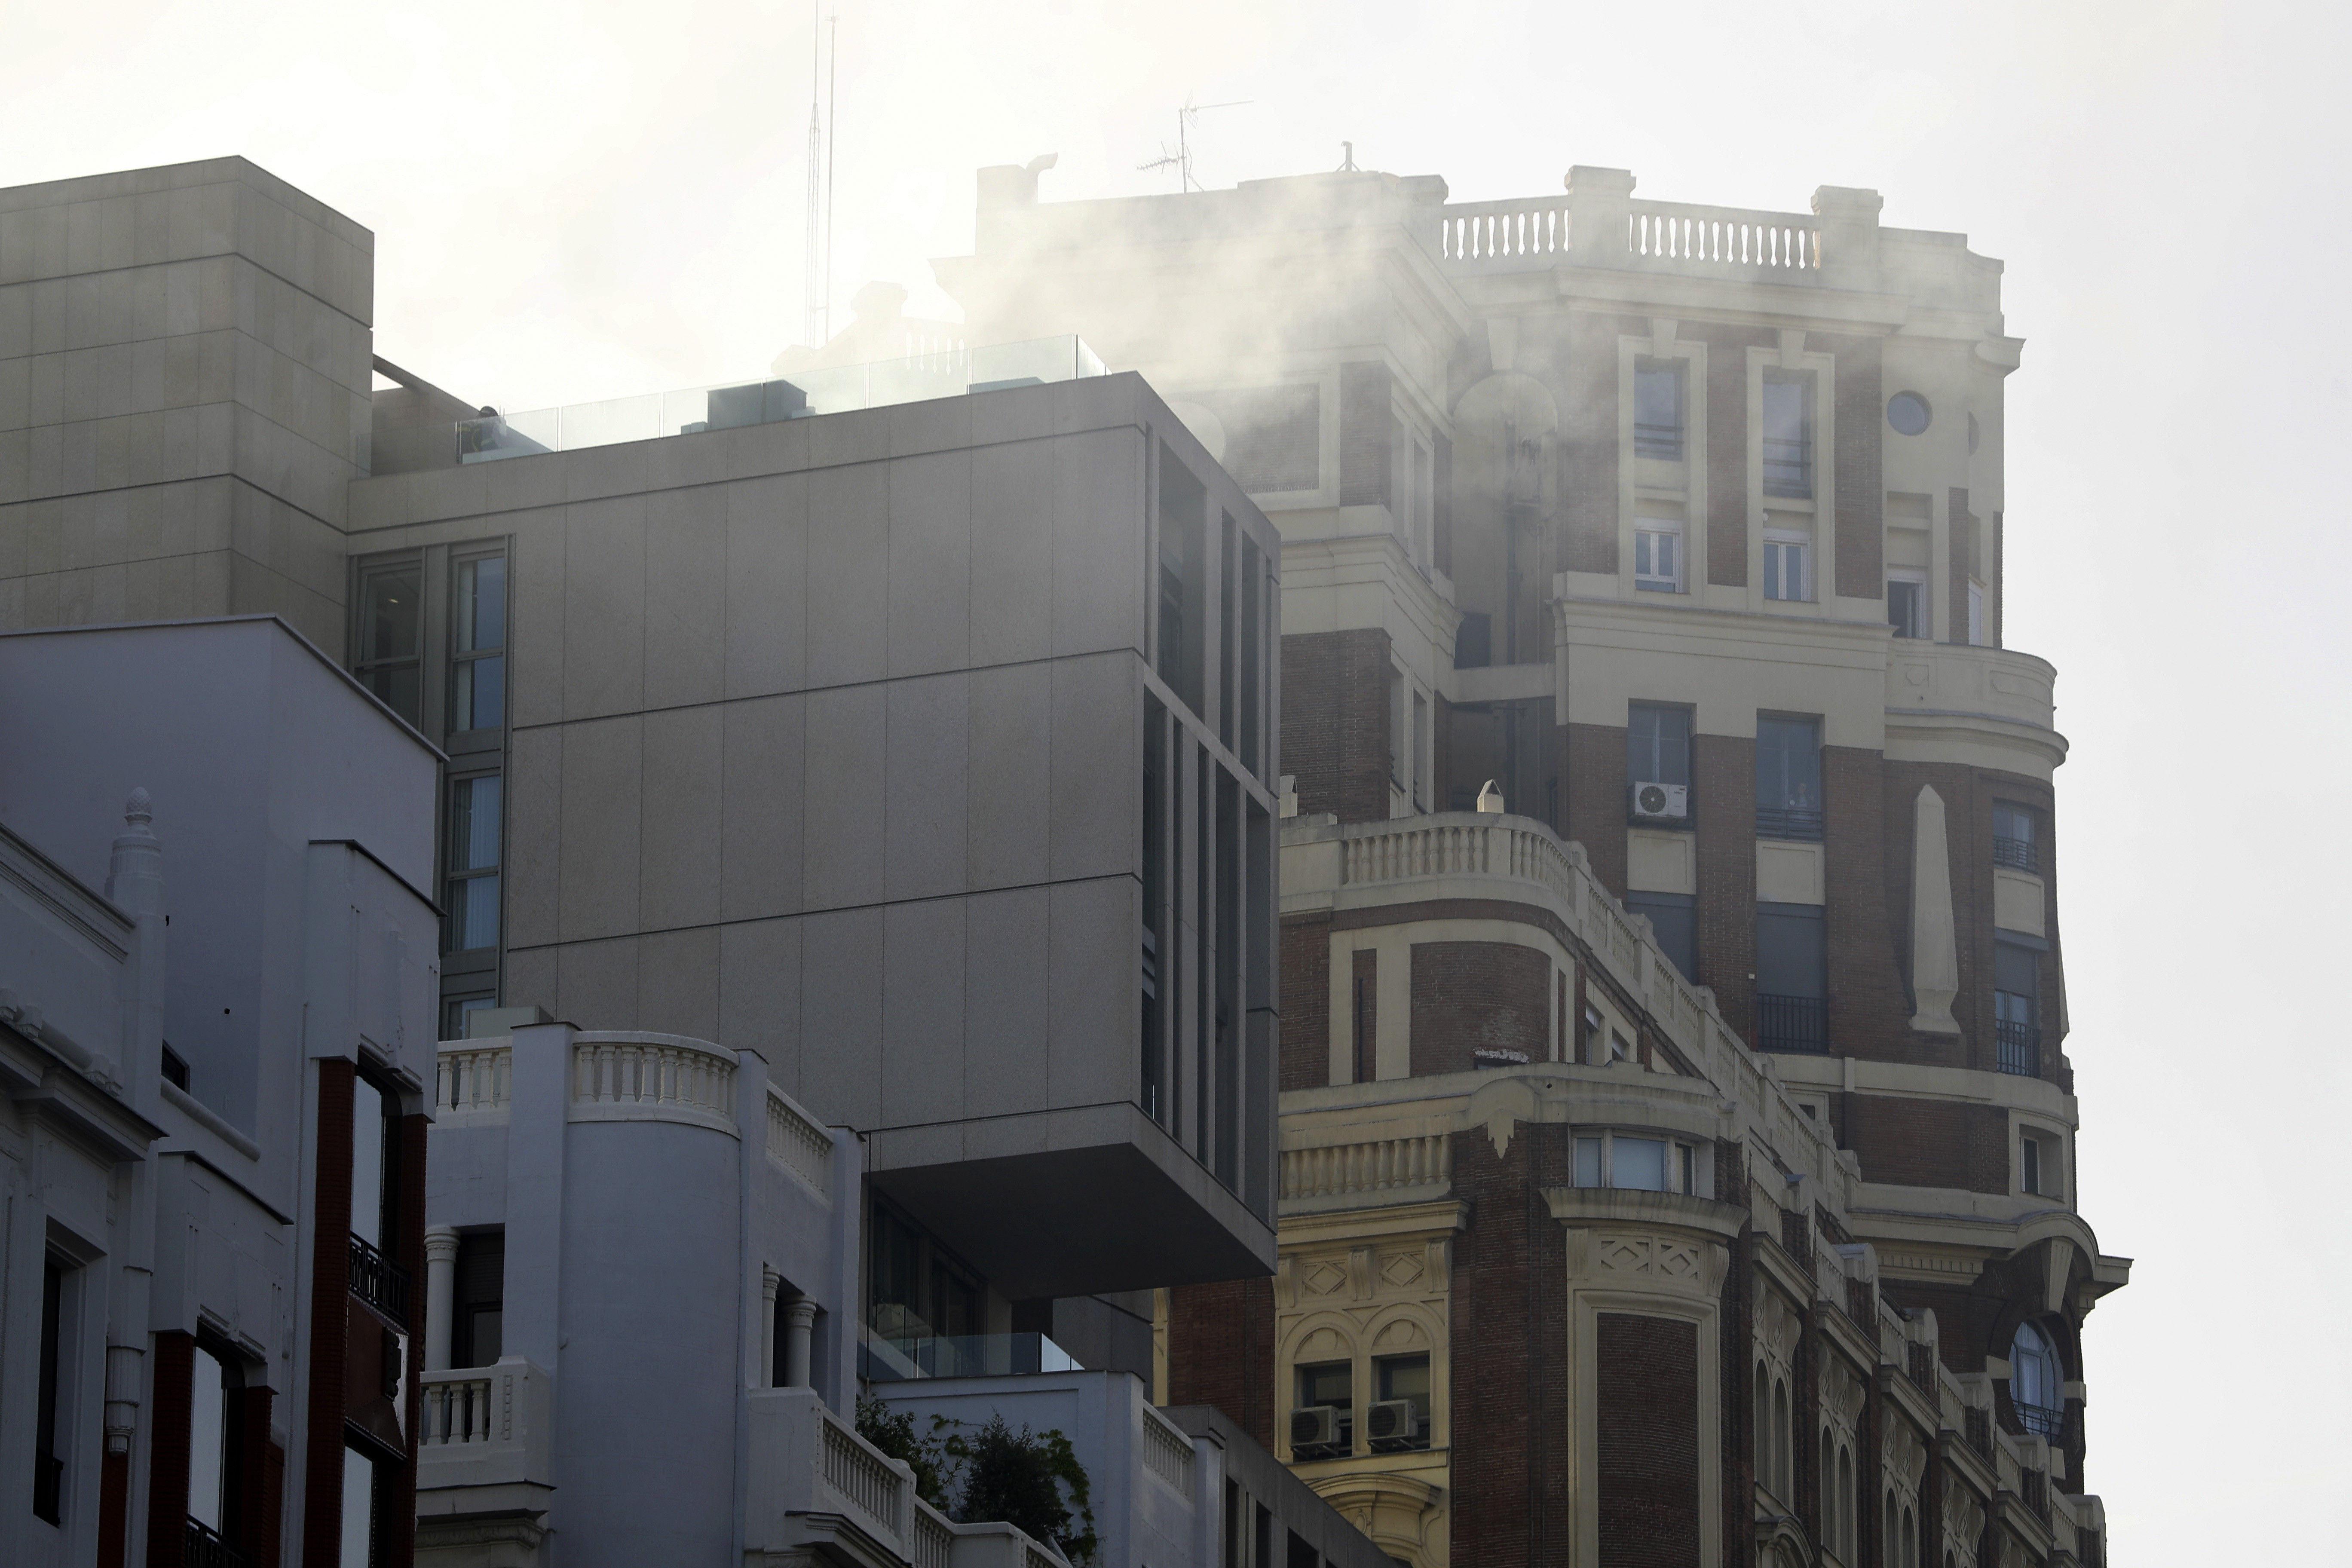 Incendio en un edificio de viviendas en la Gran Vía de Madrid